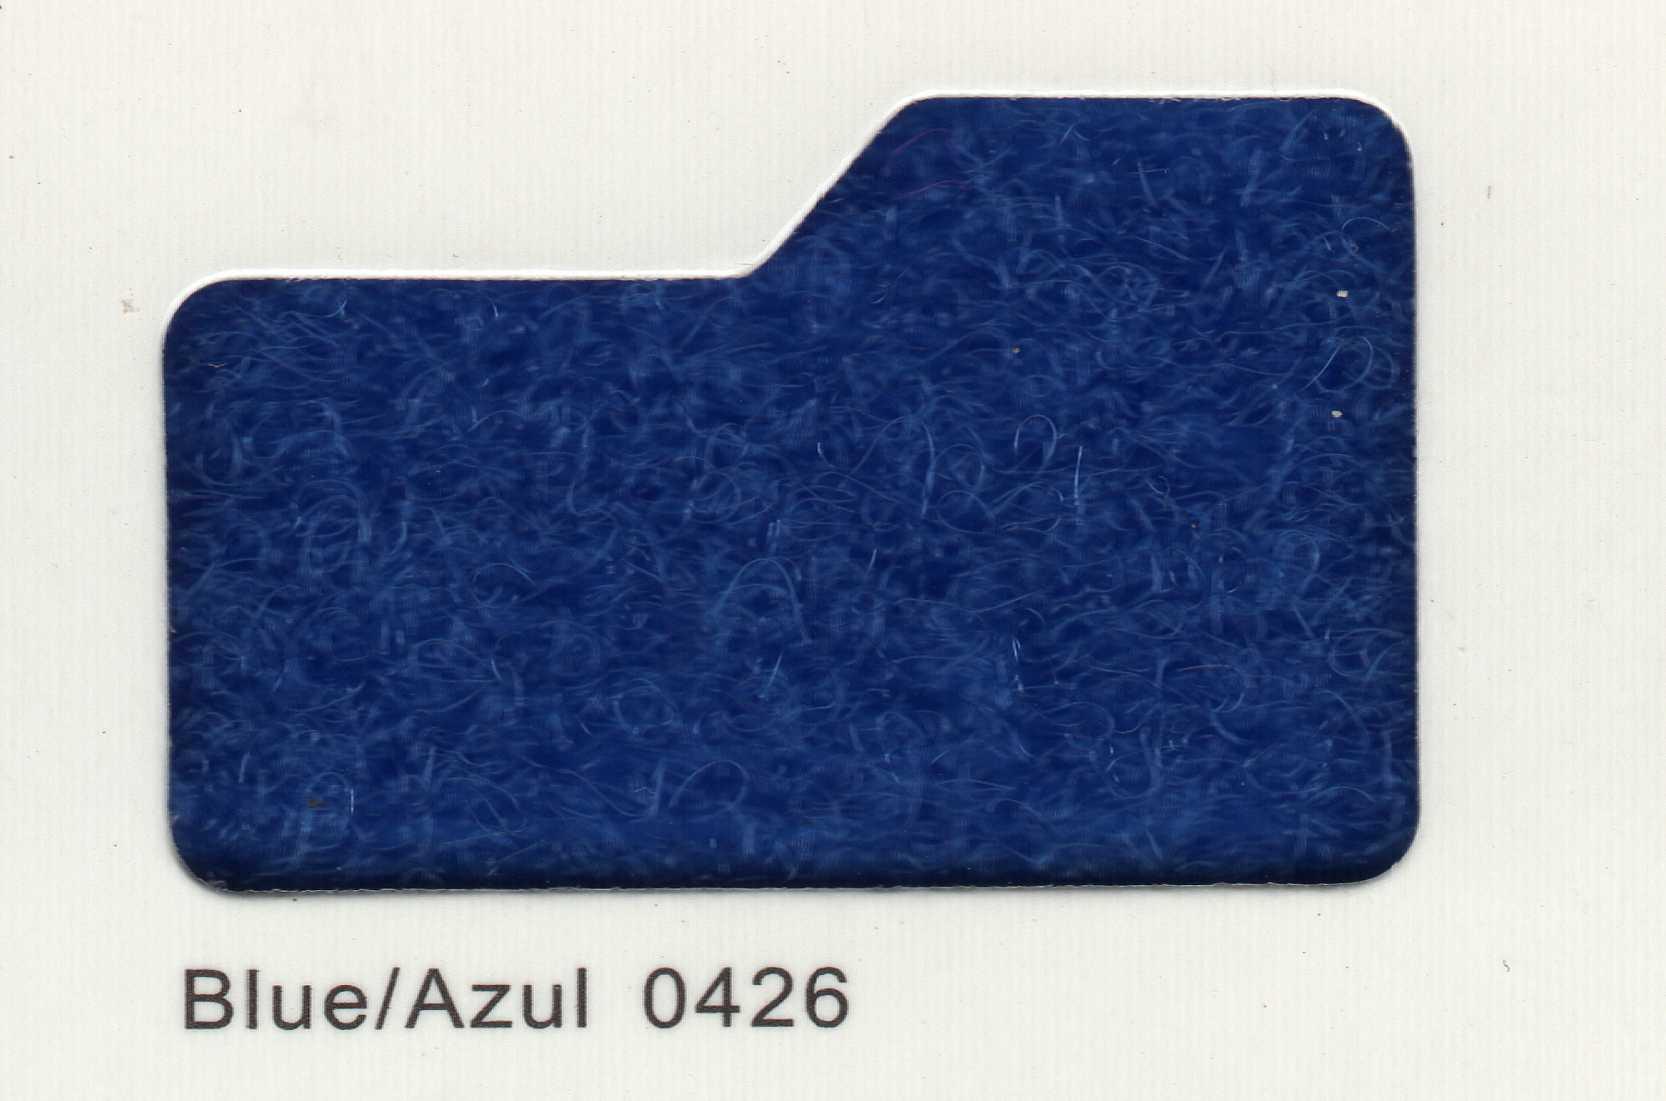 Cinta de cierre Velcro-Veraco 50mm Azul 0426 (Gancho).